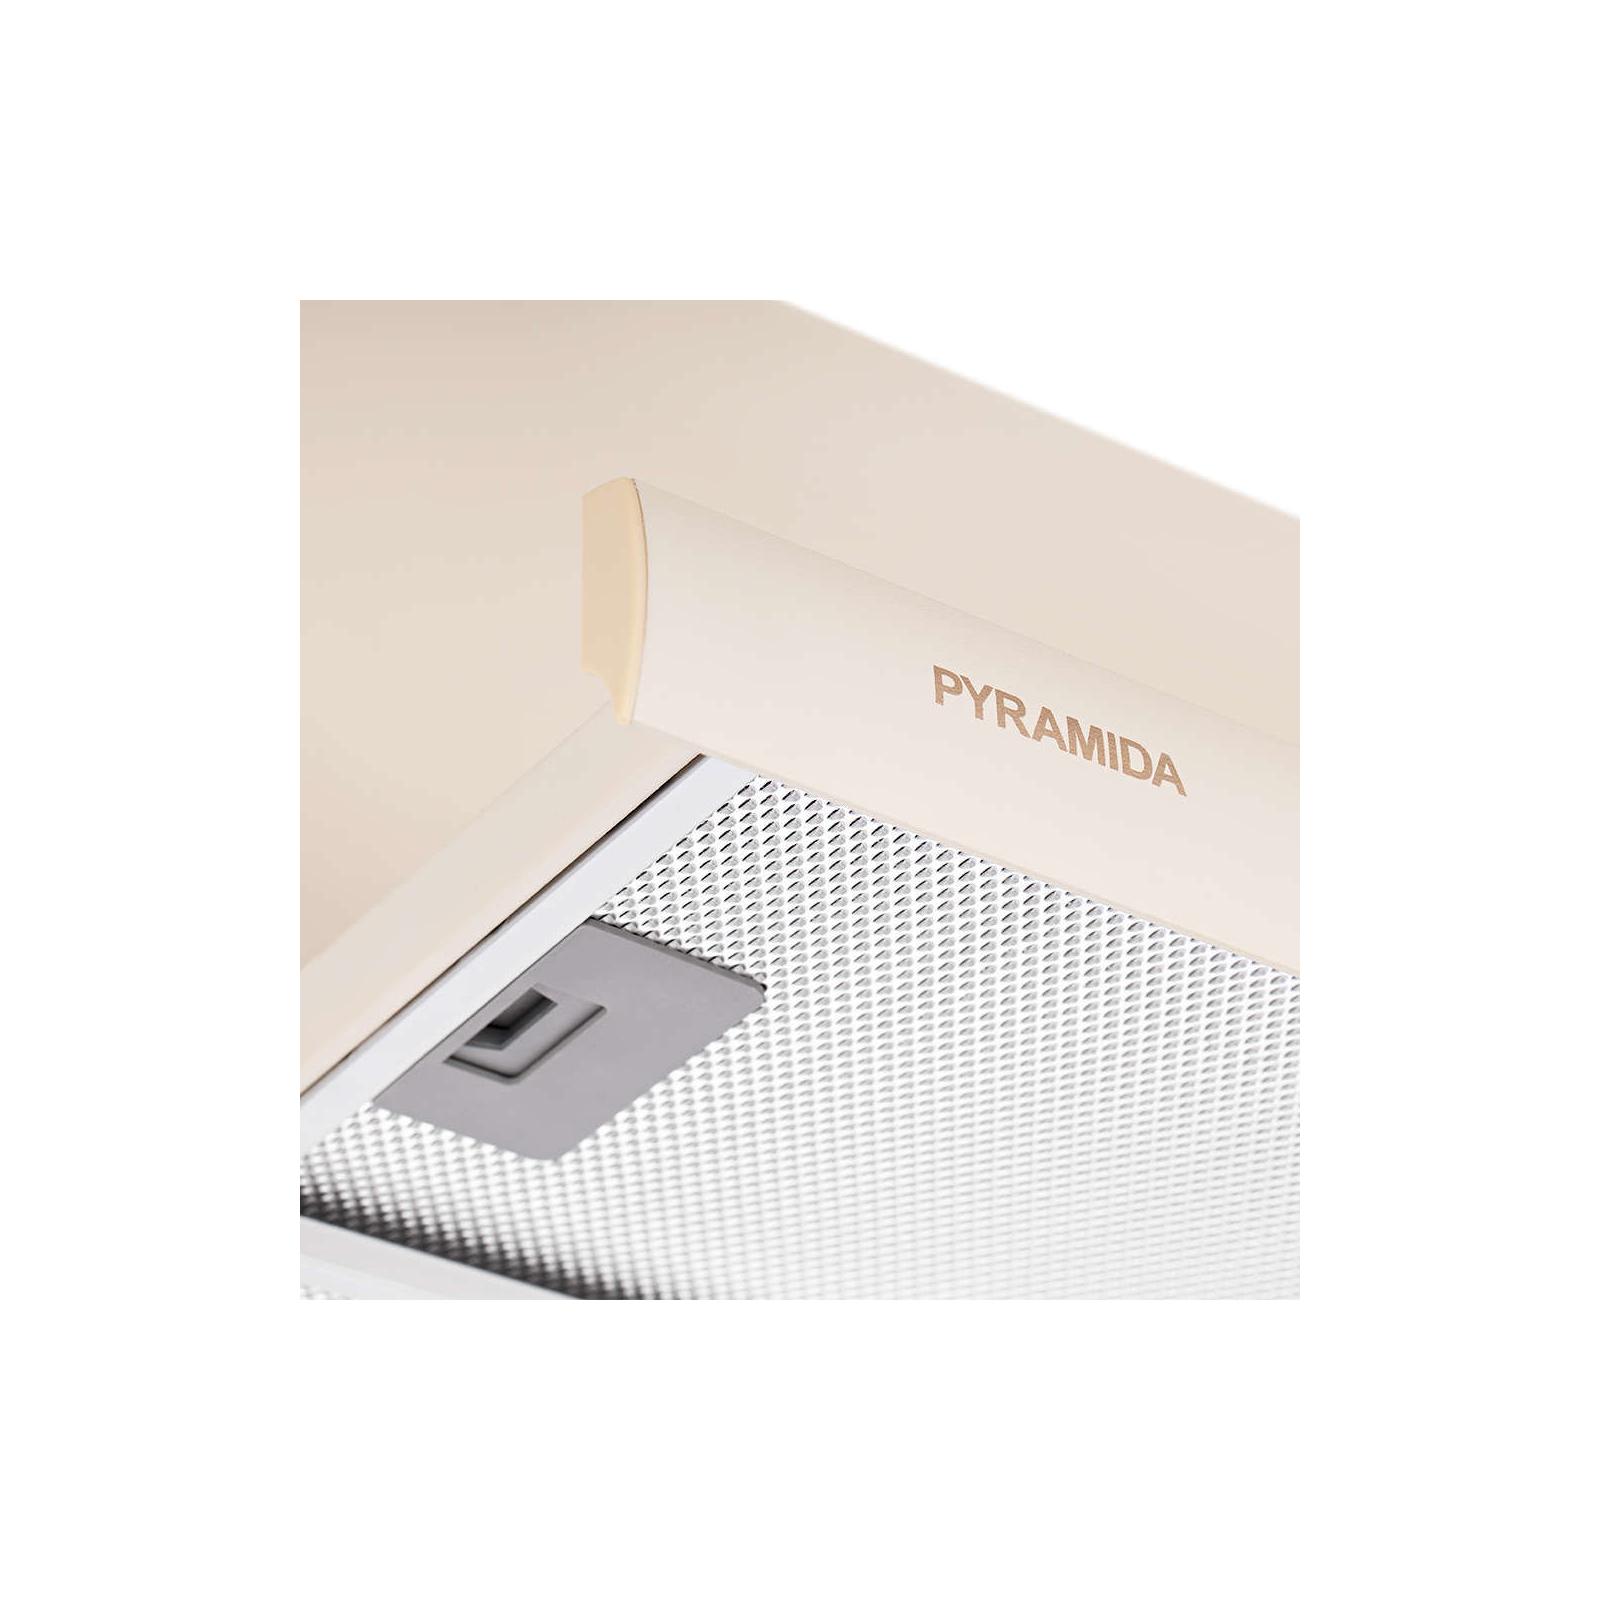 Вытяжка кухонная PYRAMIDA TL 50 (1100) IV изображение 4